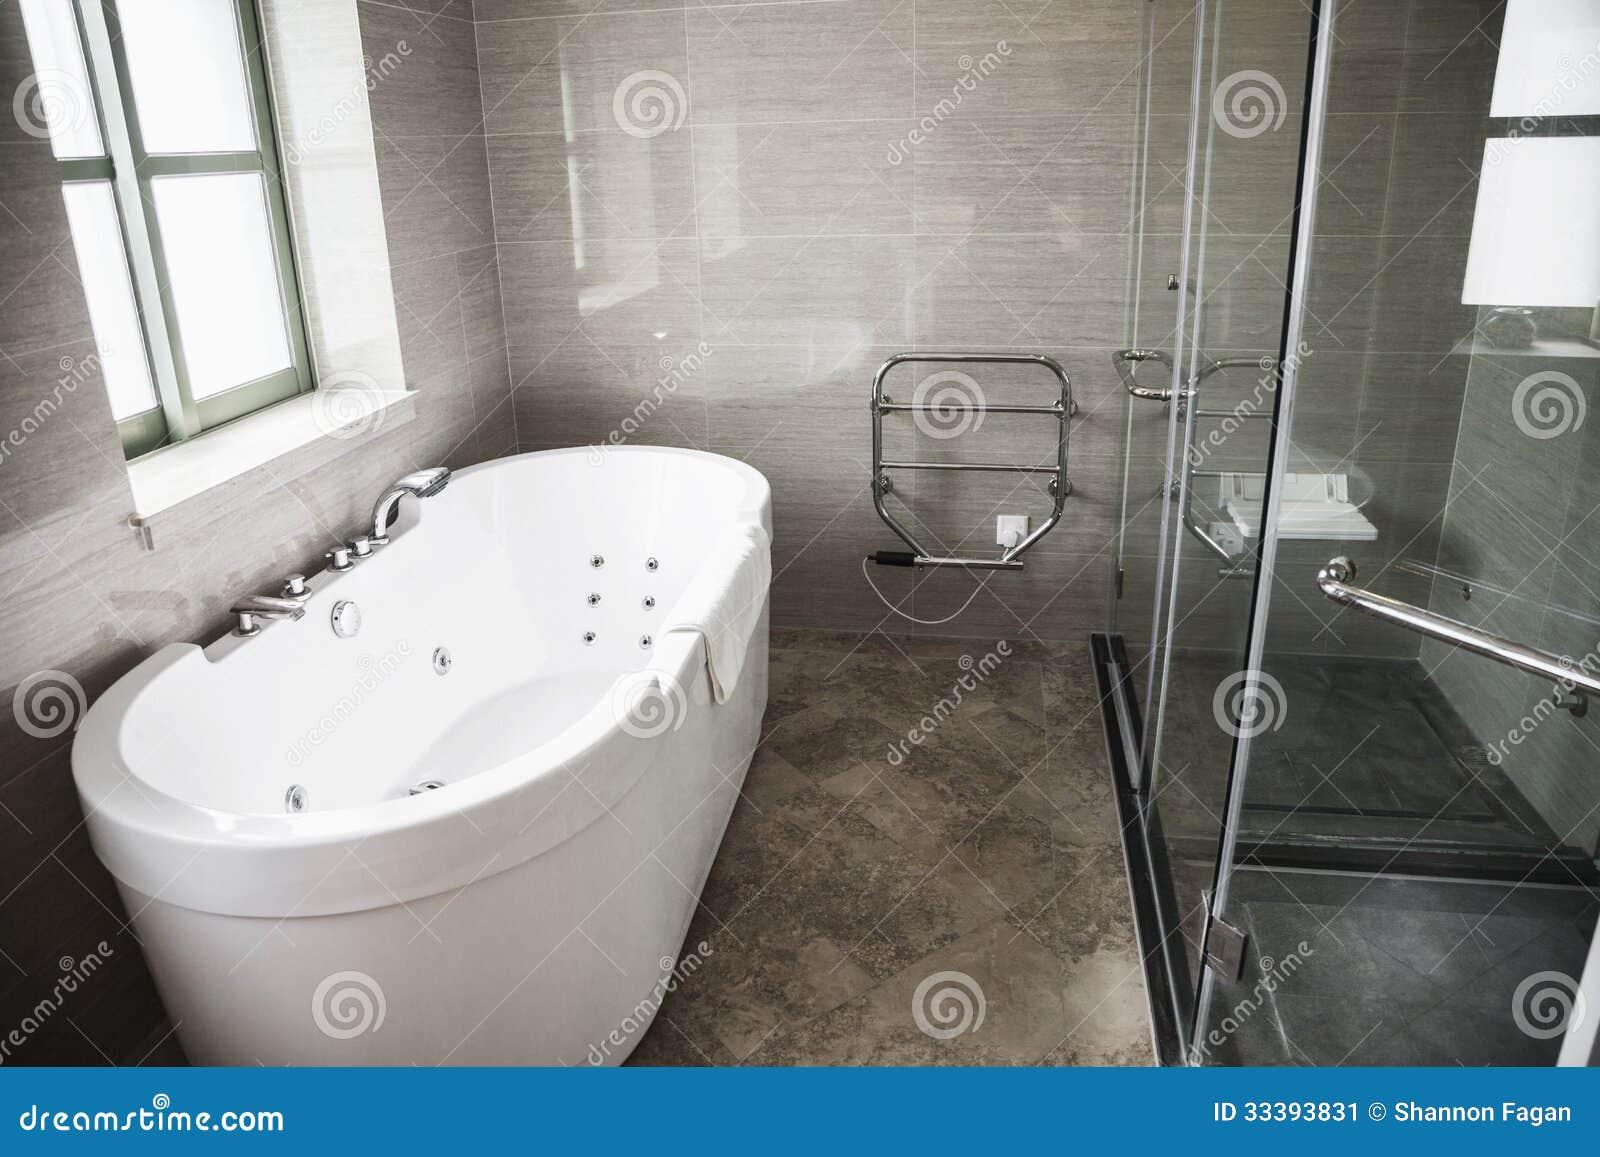 Moderno pulito bagno con la vasca e doccia immagine - Bagno moderno con vasca ...